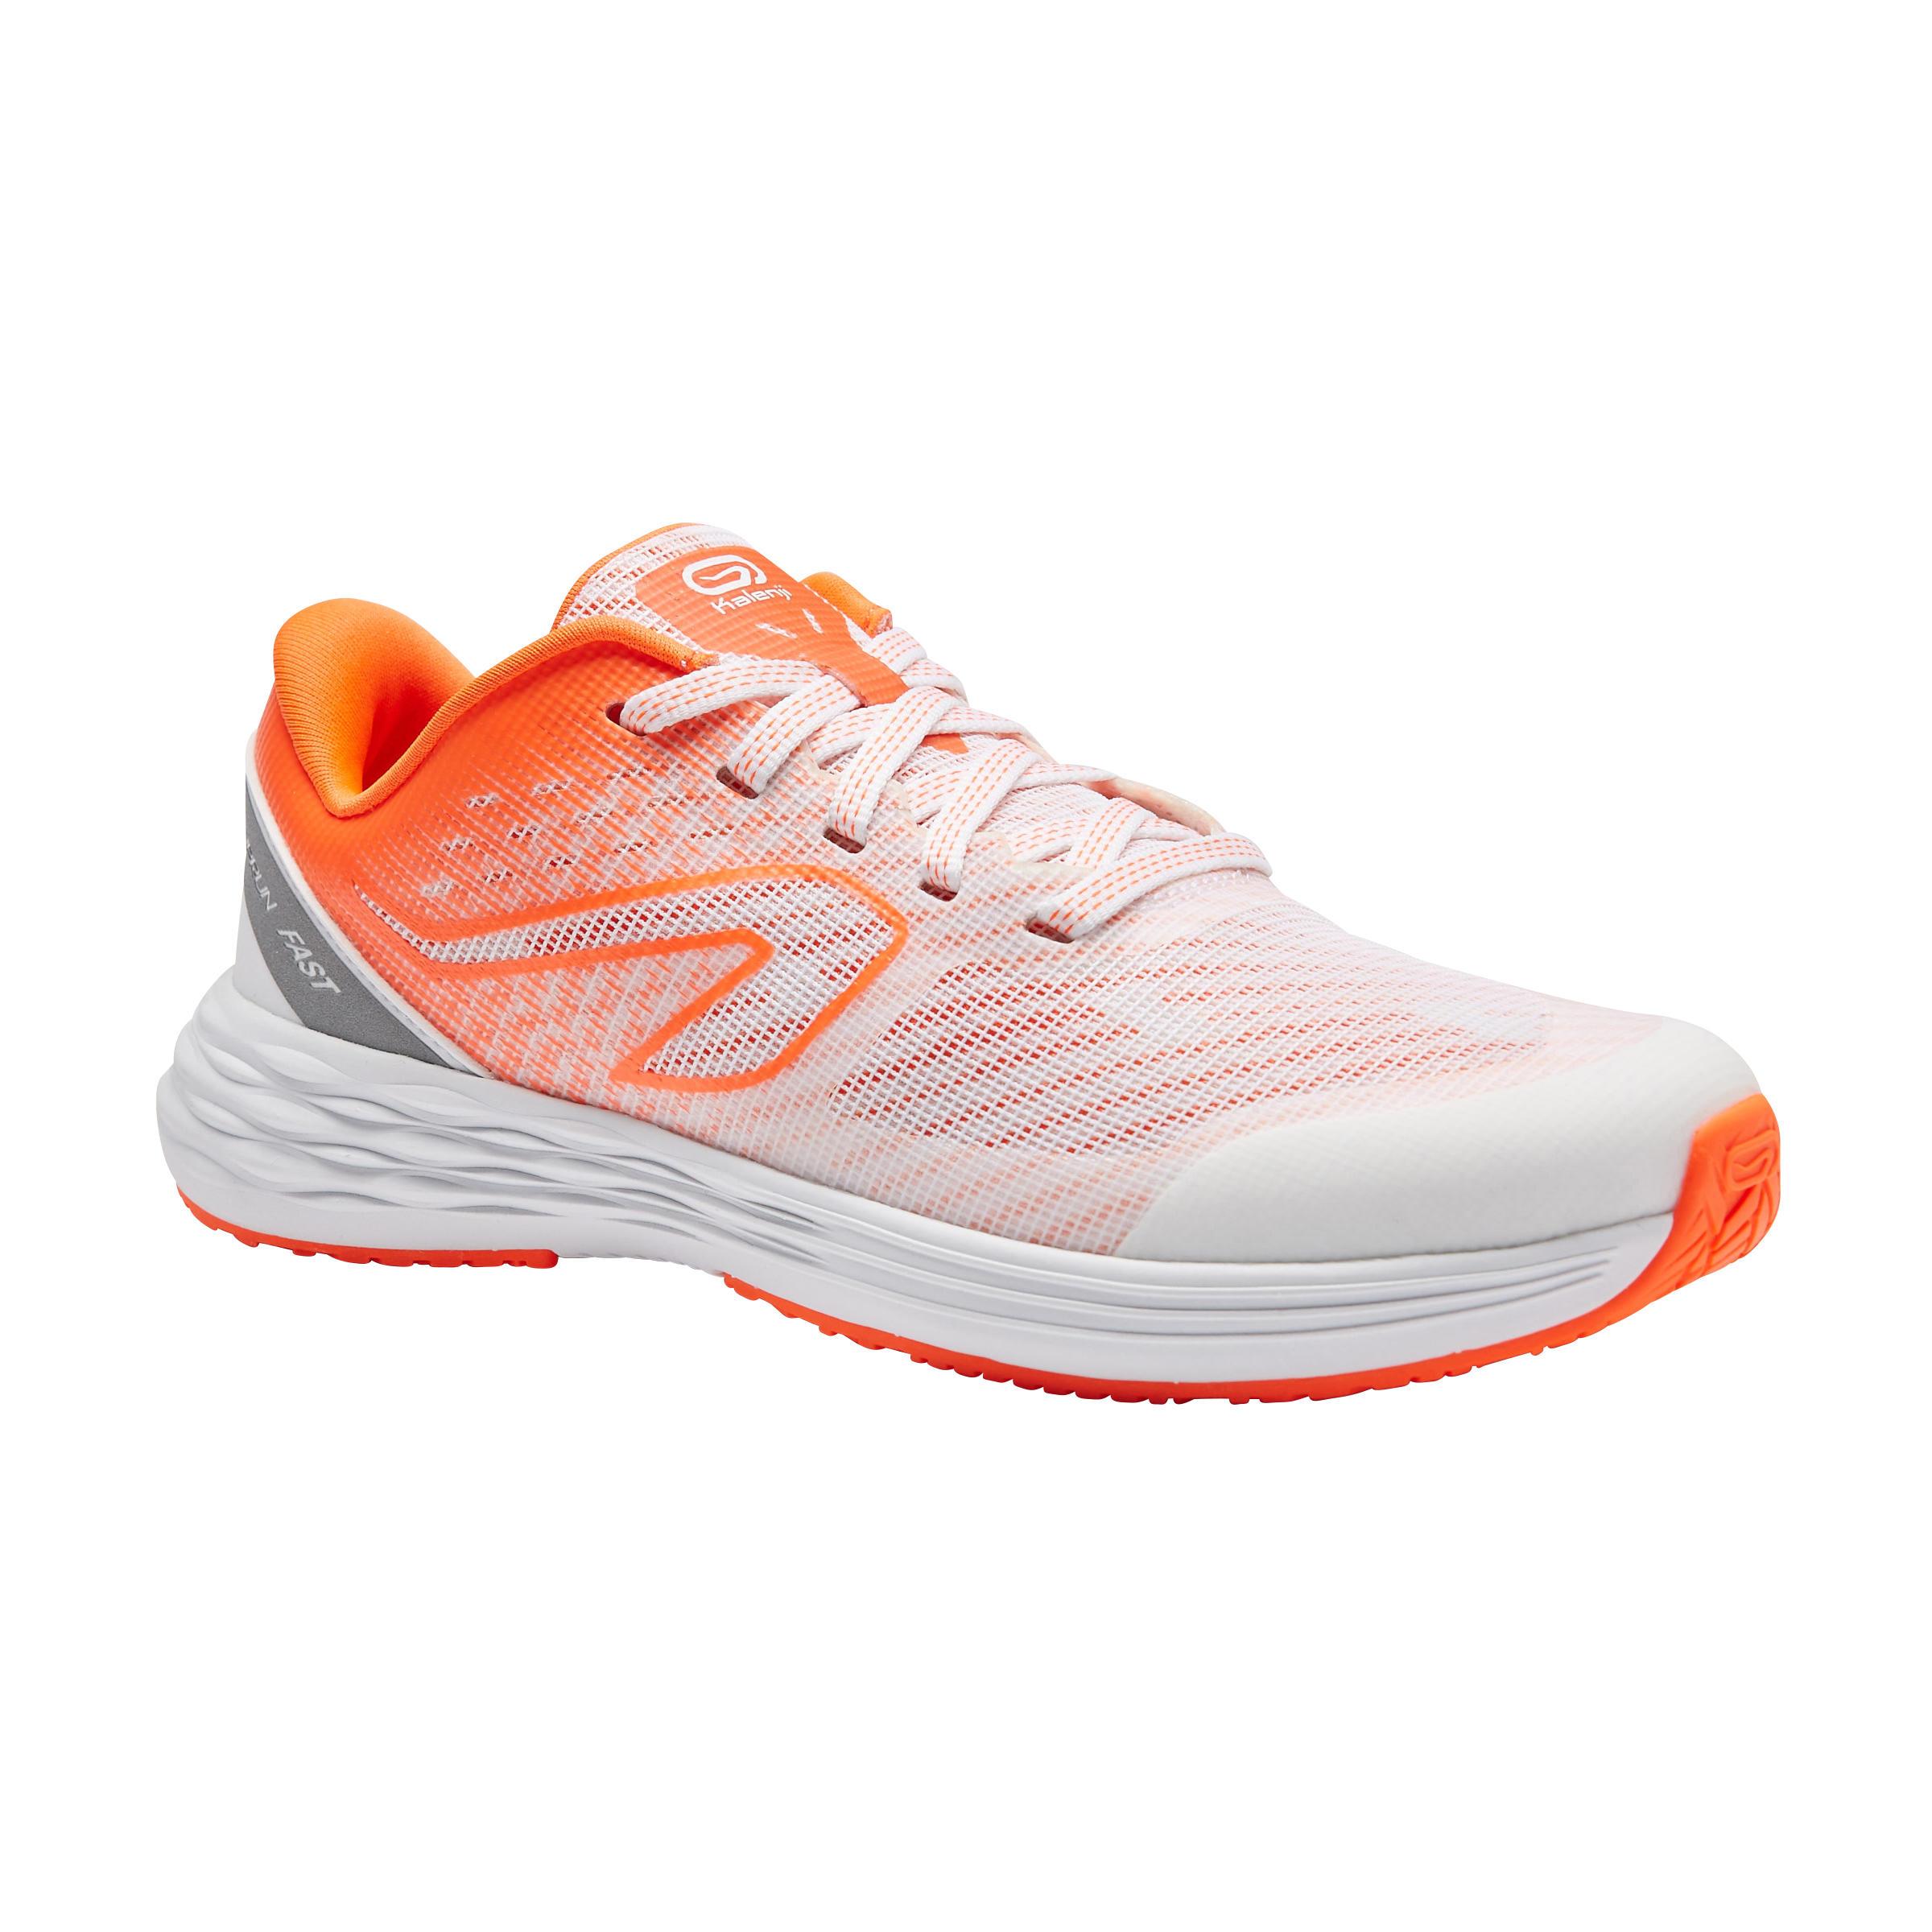 comment chercher profiter de prix pas cher dans quelques jours Chaussures enfant Athlétisme - Chaussures de running pour ...